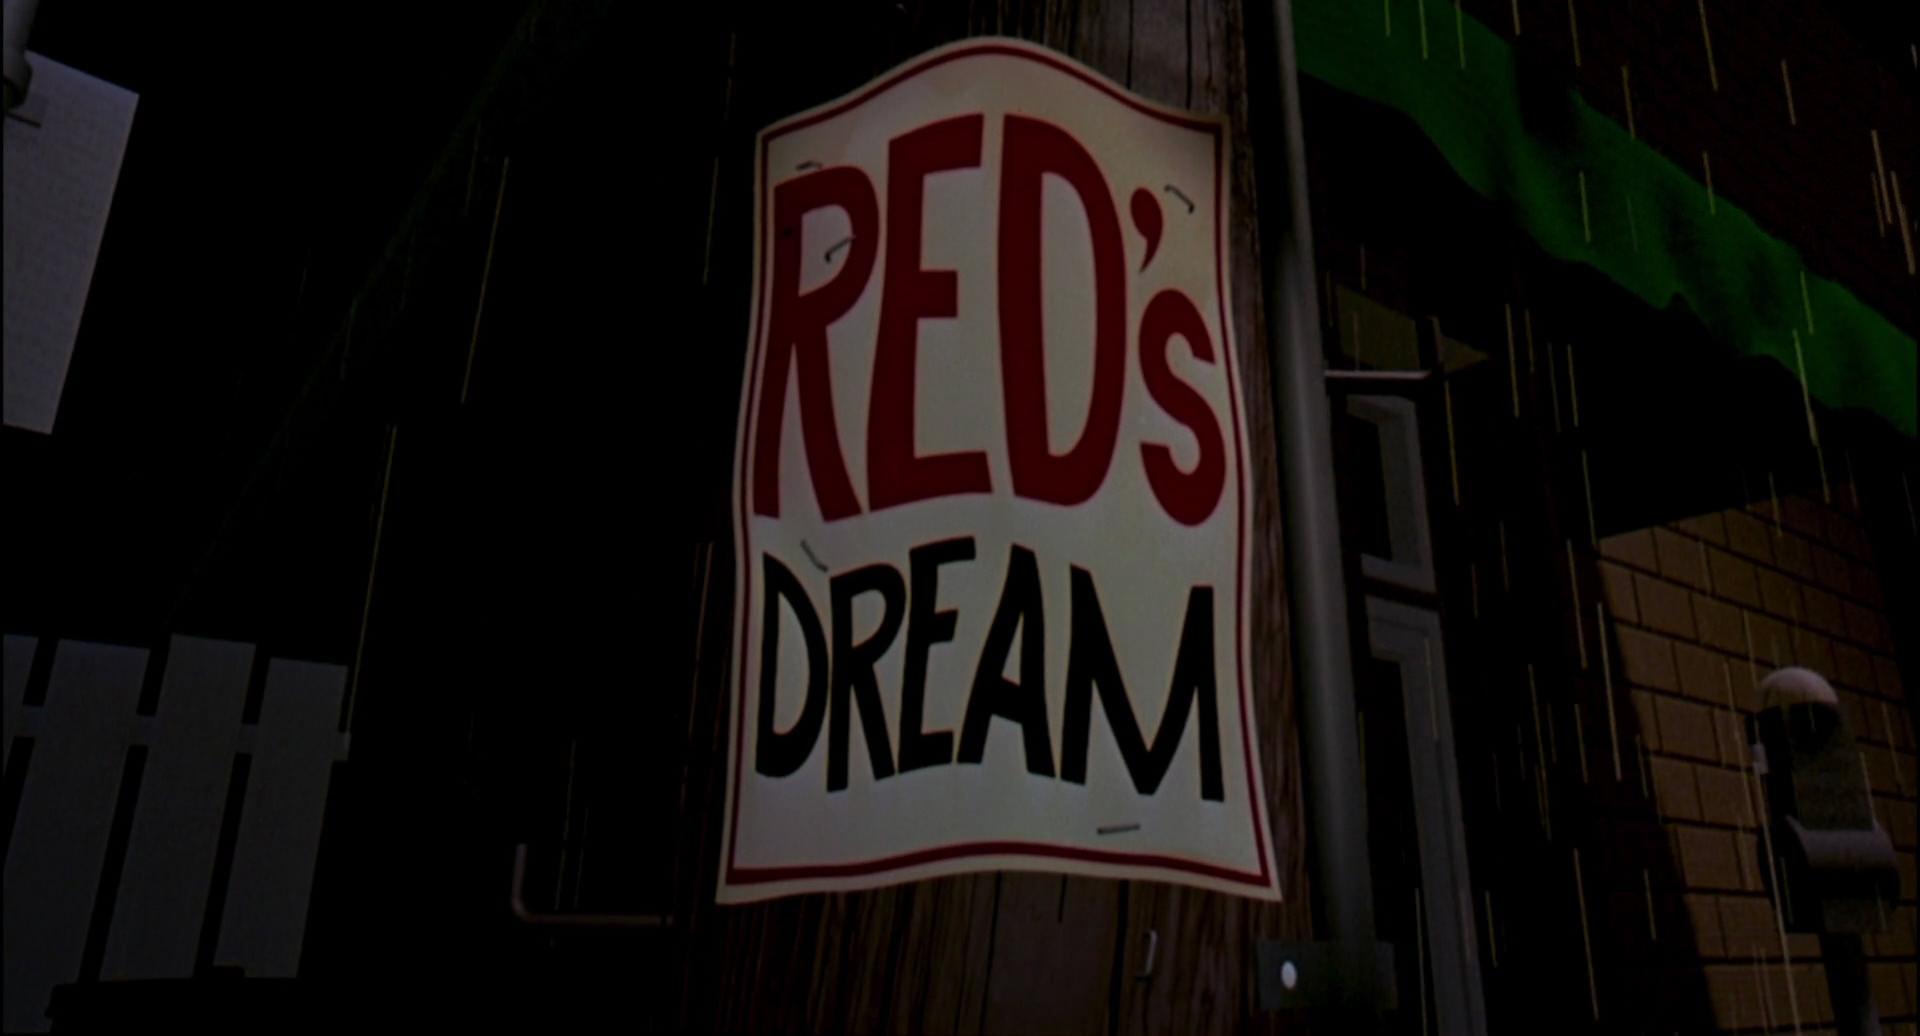 קובץ:Title-redsdream.jpg